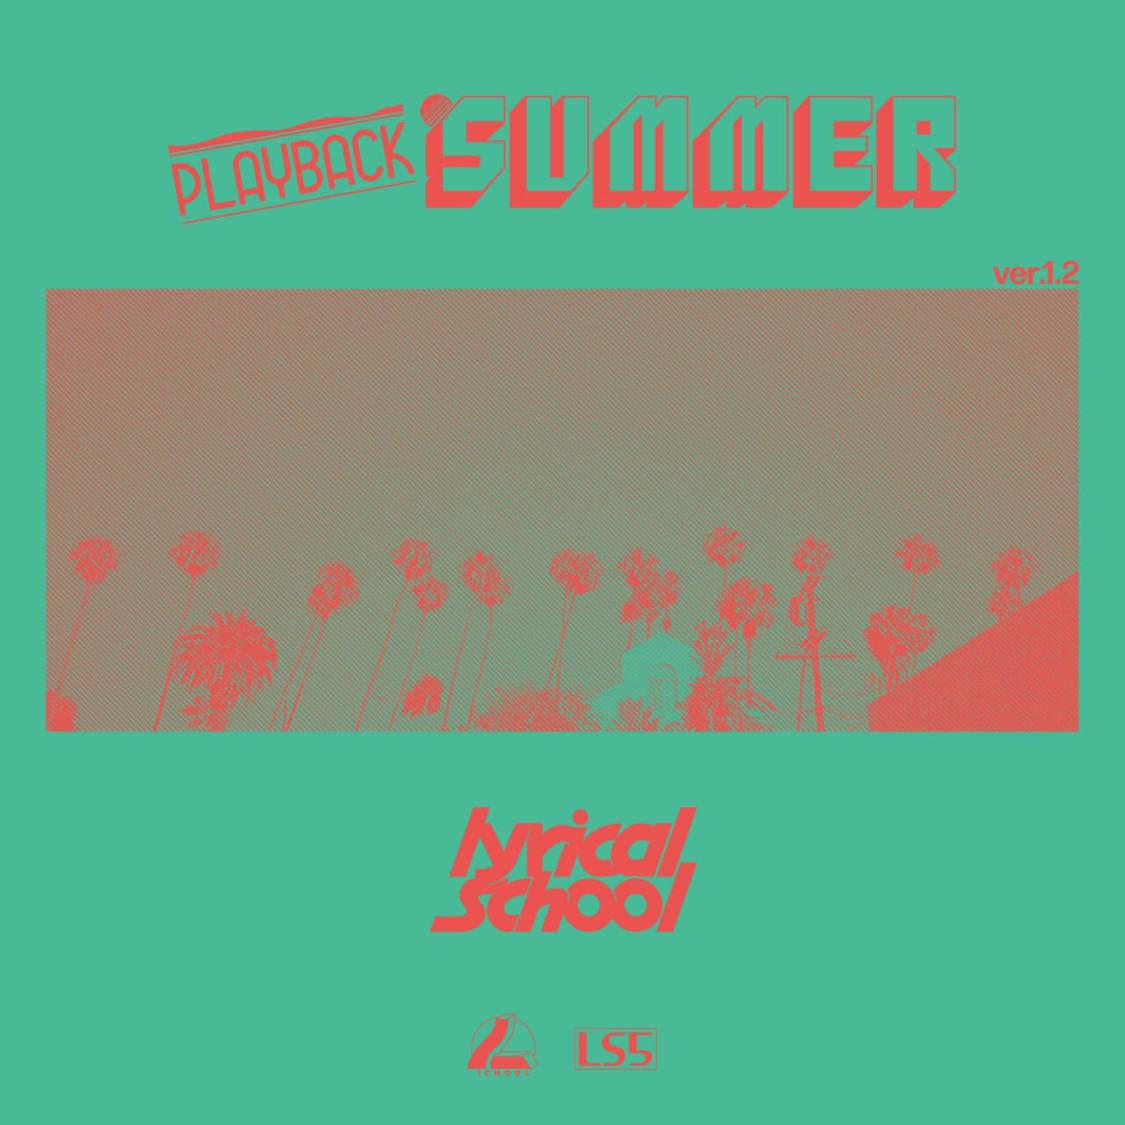 リリスク、真夏の定番配信EPを新装リリース! 新曲「Pakara!」追加決定